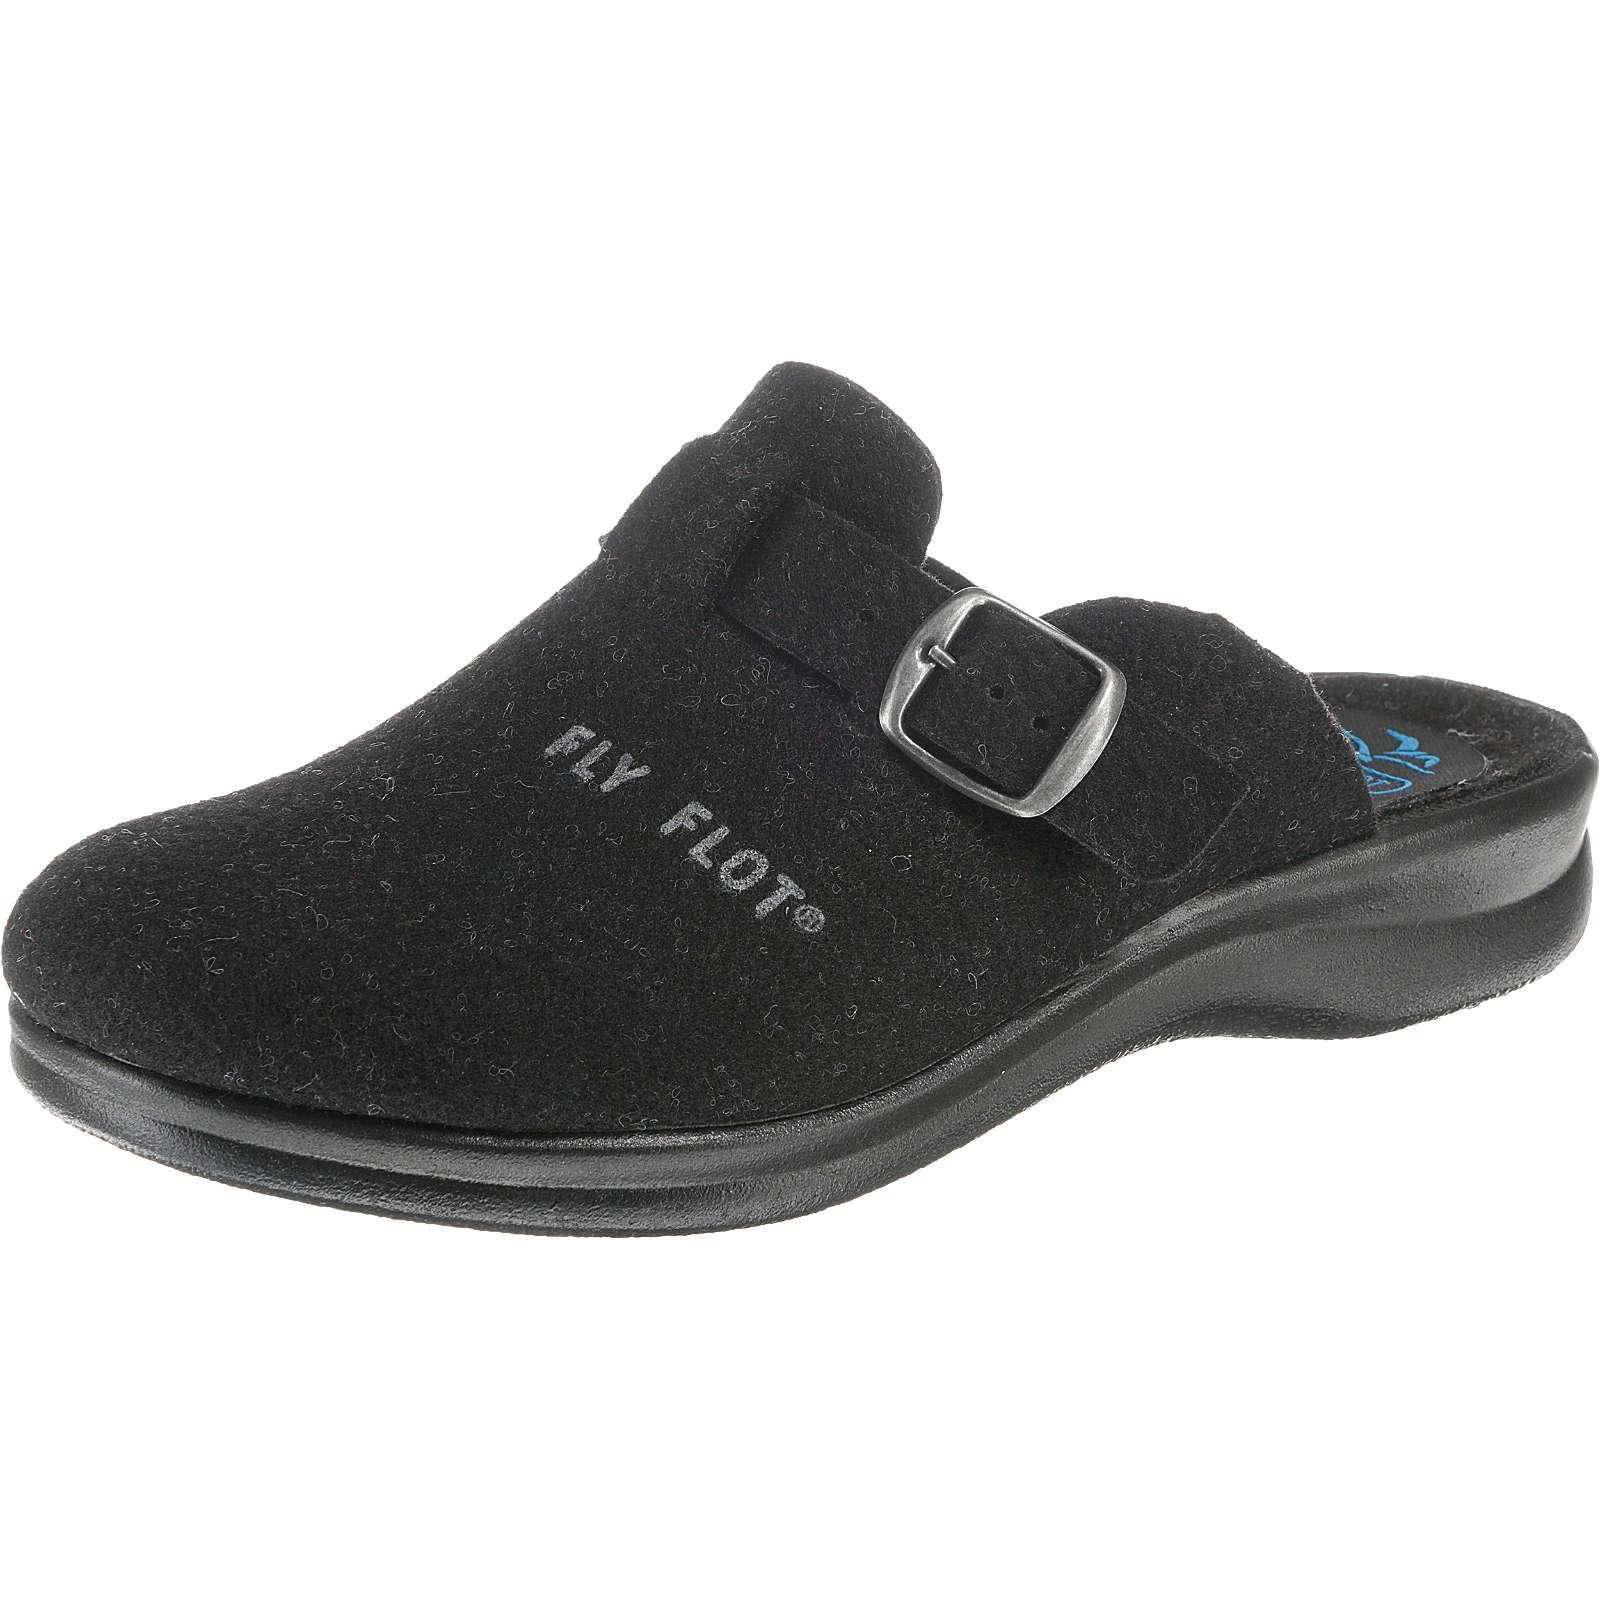 FLY FLOT Pantoffeln schwarz Damen Gr. 40